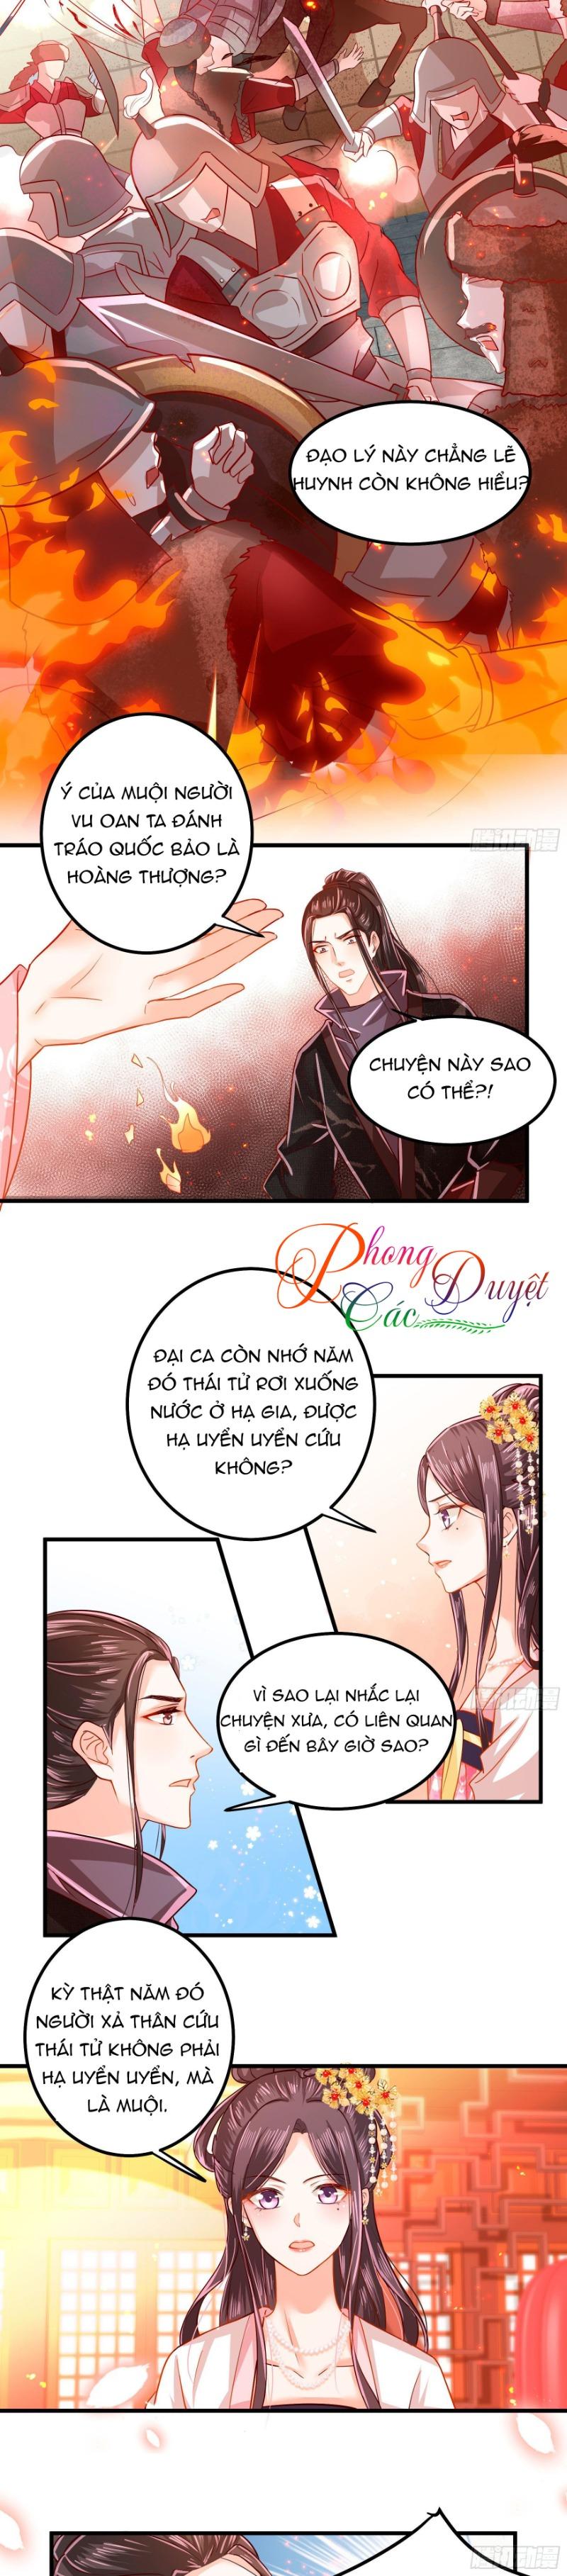 Ta Phải Làm Hoàng Hậu Chapter 13 - upload bởi truyensieuhay.com